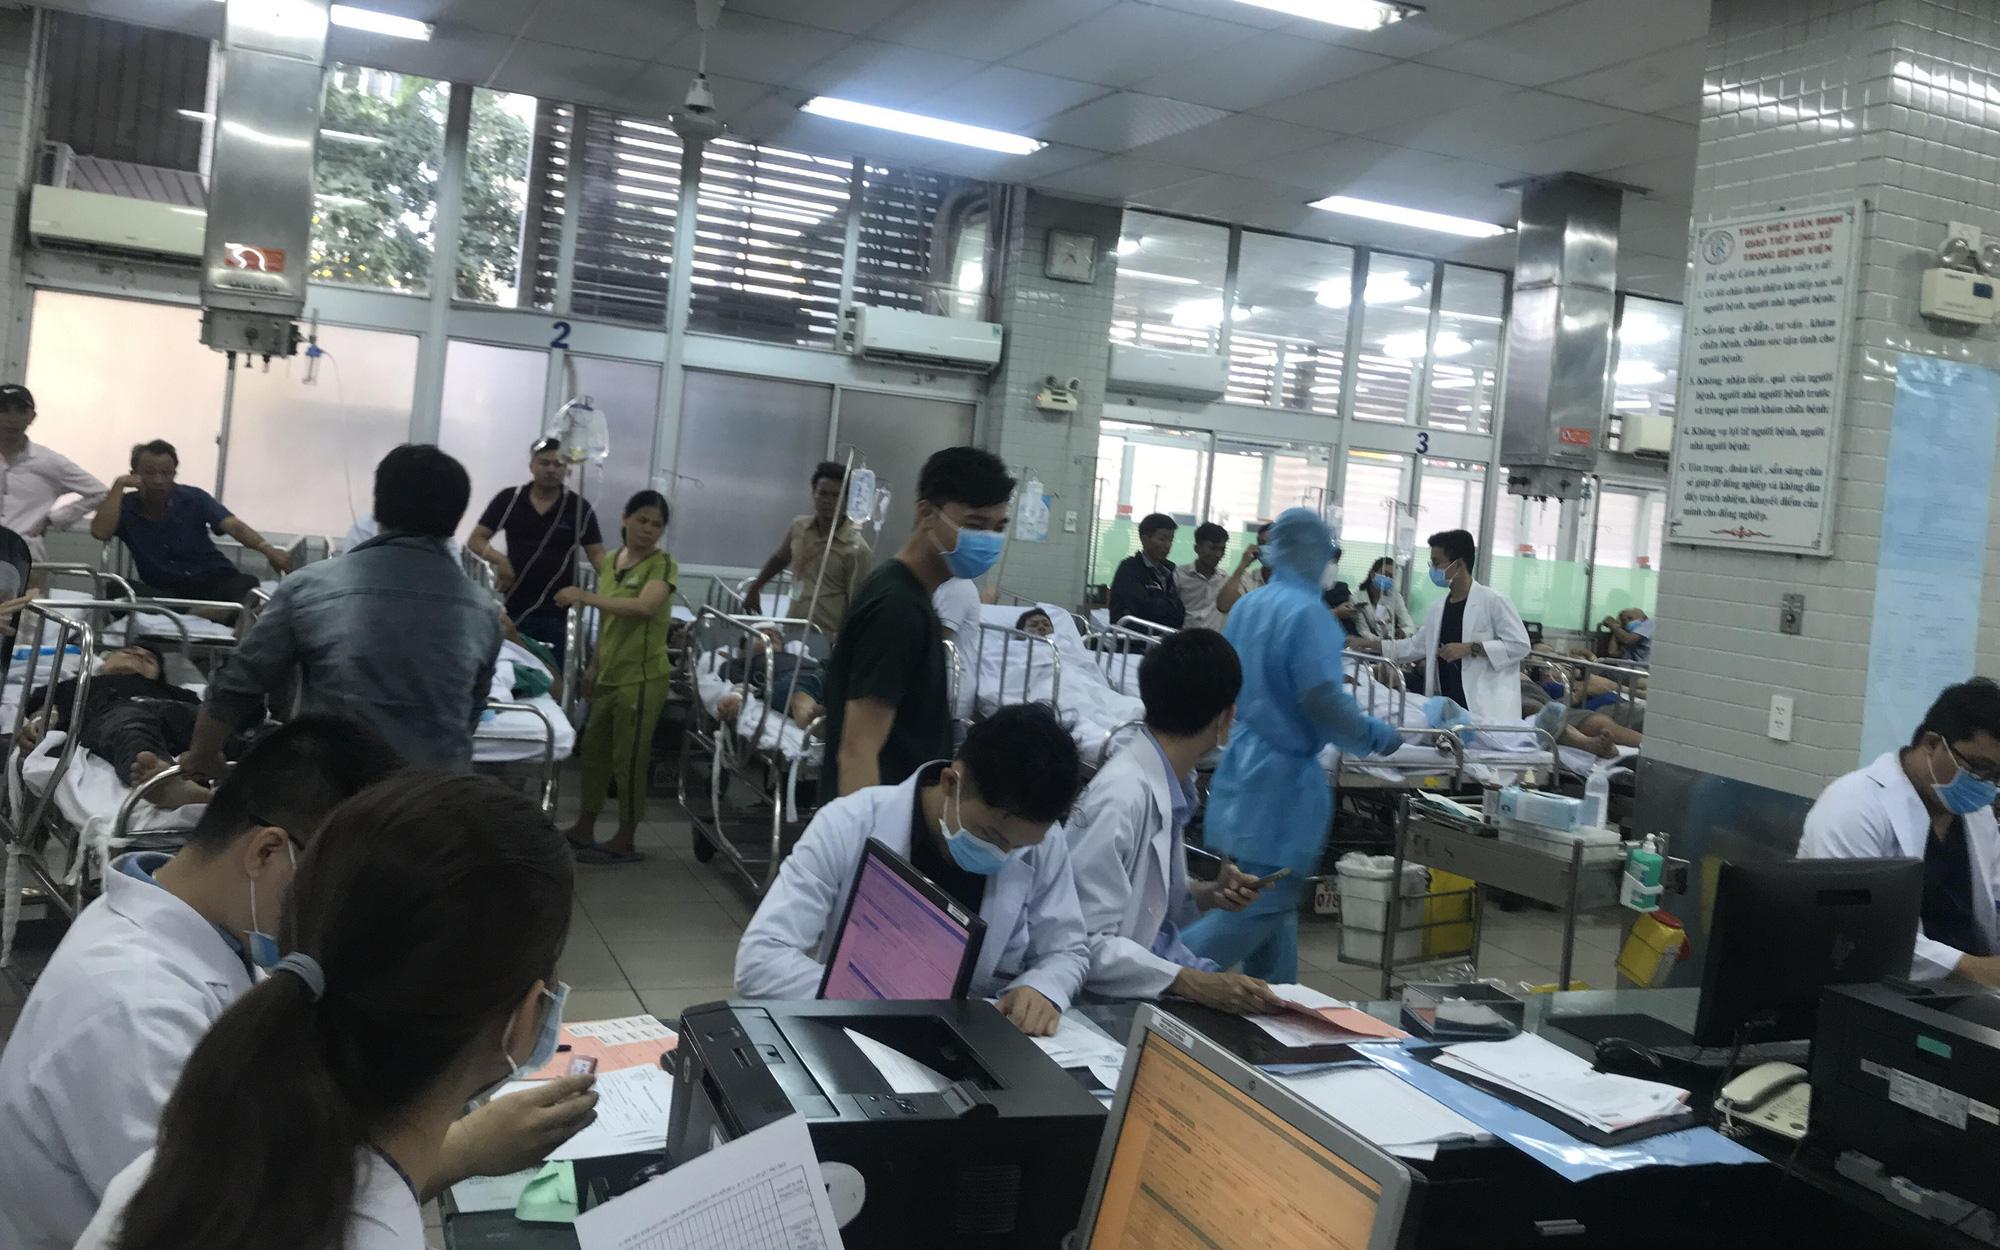 Thêm hai bệnh nhân nghi nhiễm virus corona nhập viện tại TP.HCM, bác sĩ hồi hộp chờ kết quả xét nghiệm